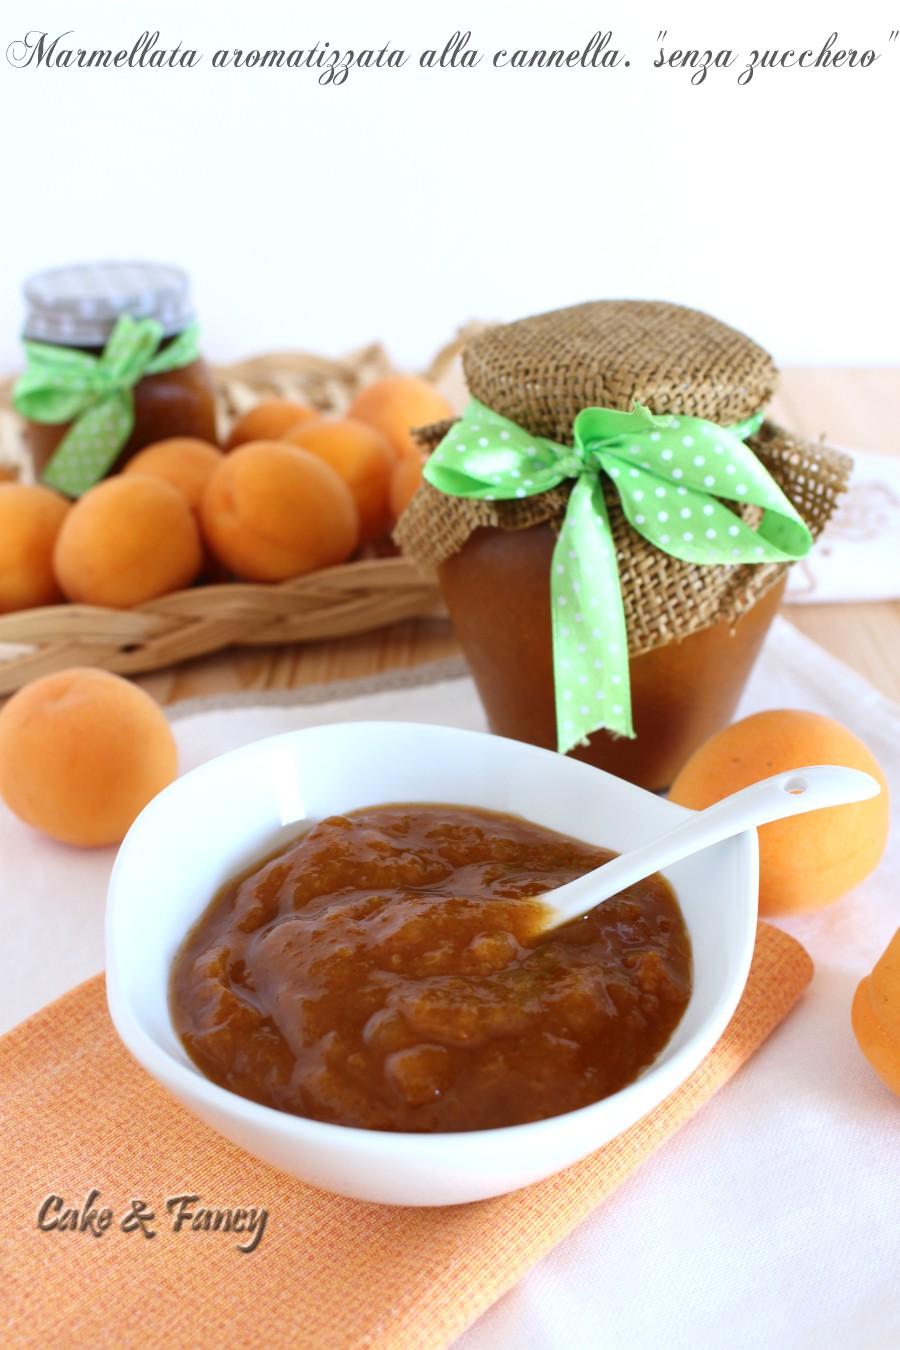 """Marmellata di albicocche aromatizzata alla cannella """"senza zucchero"""""""